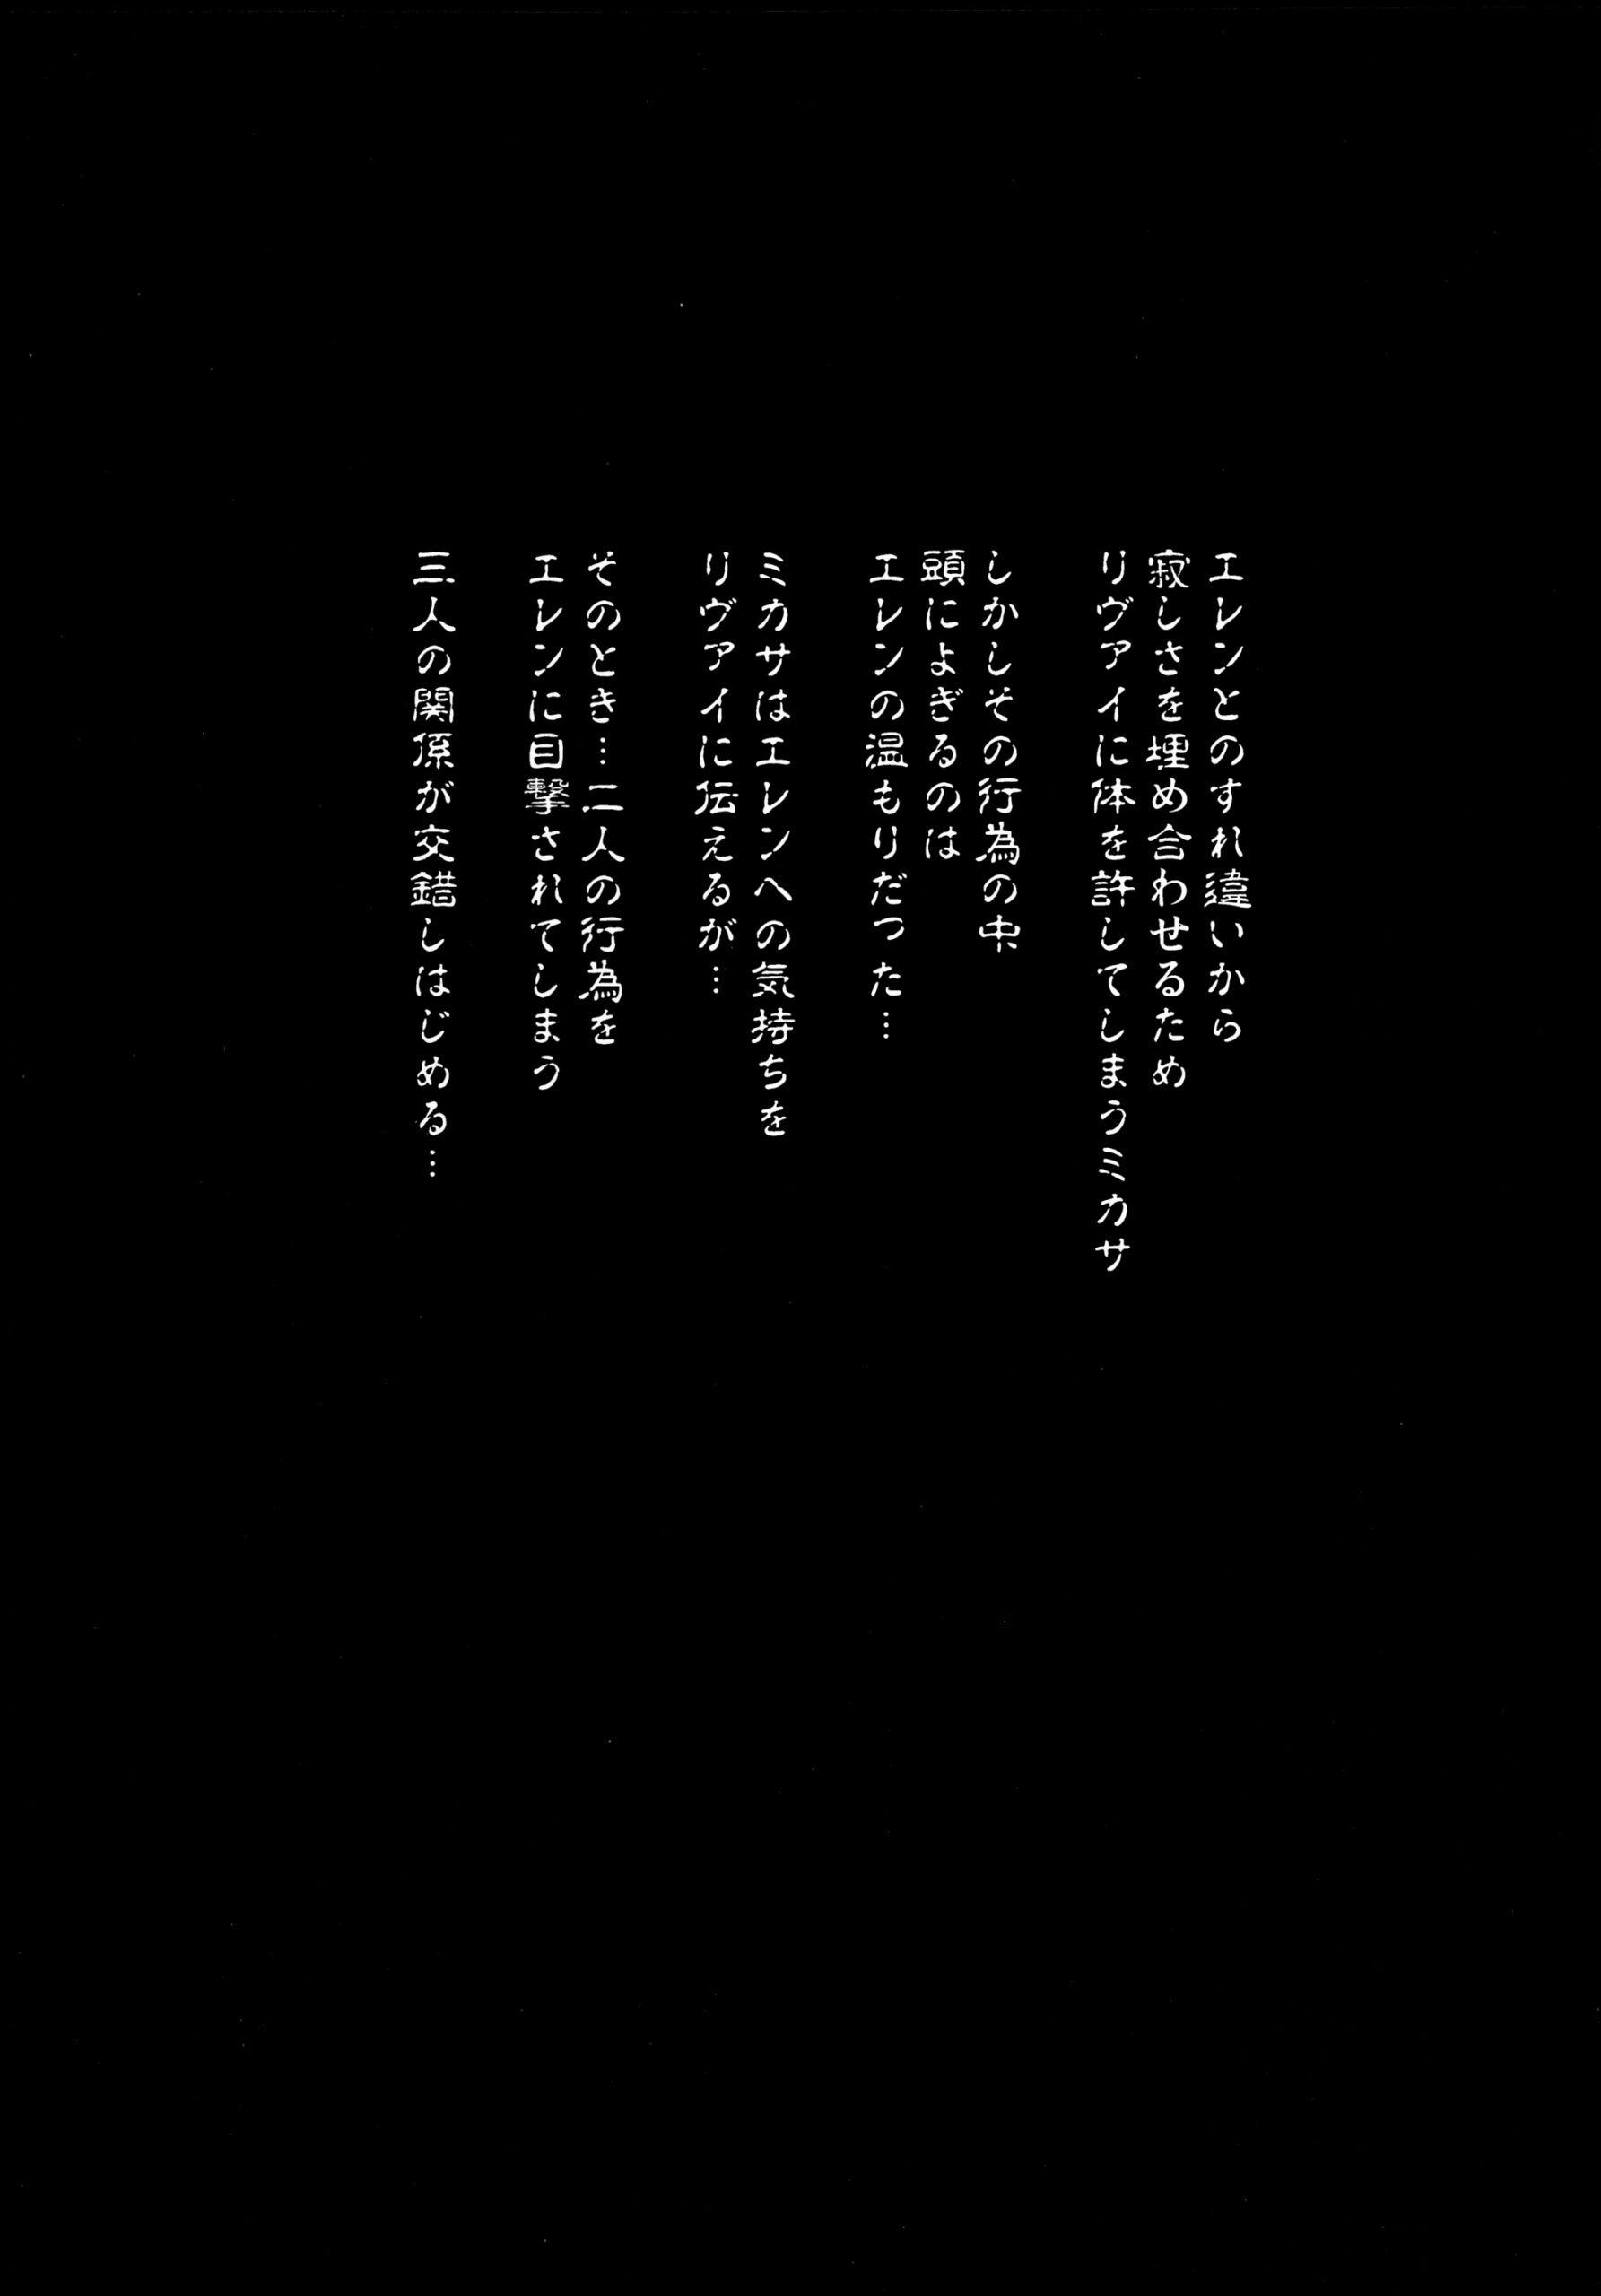 Gekishin yon hentai manga picture 02